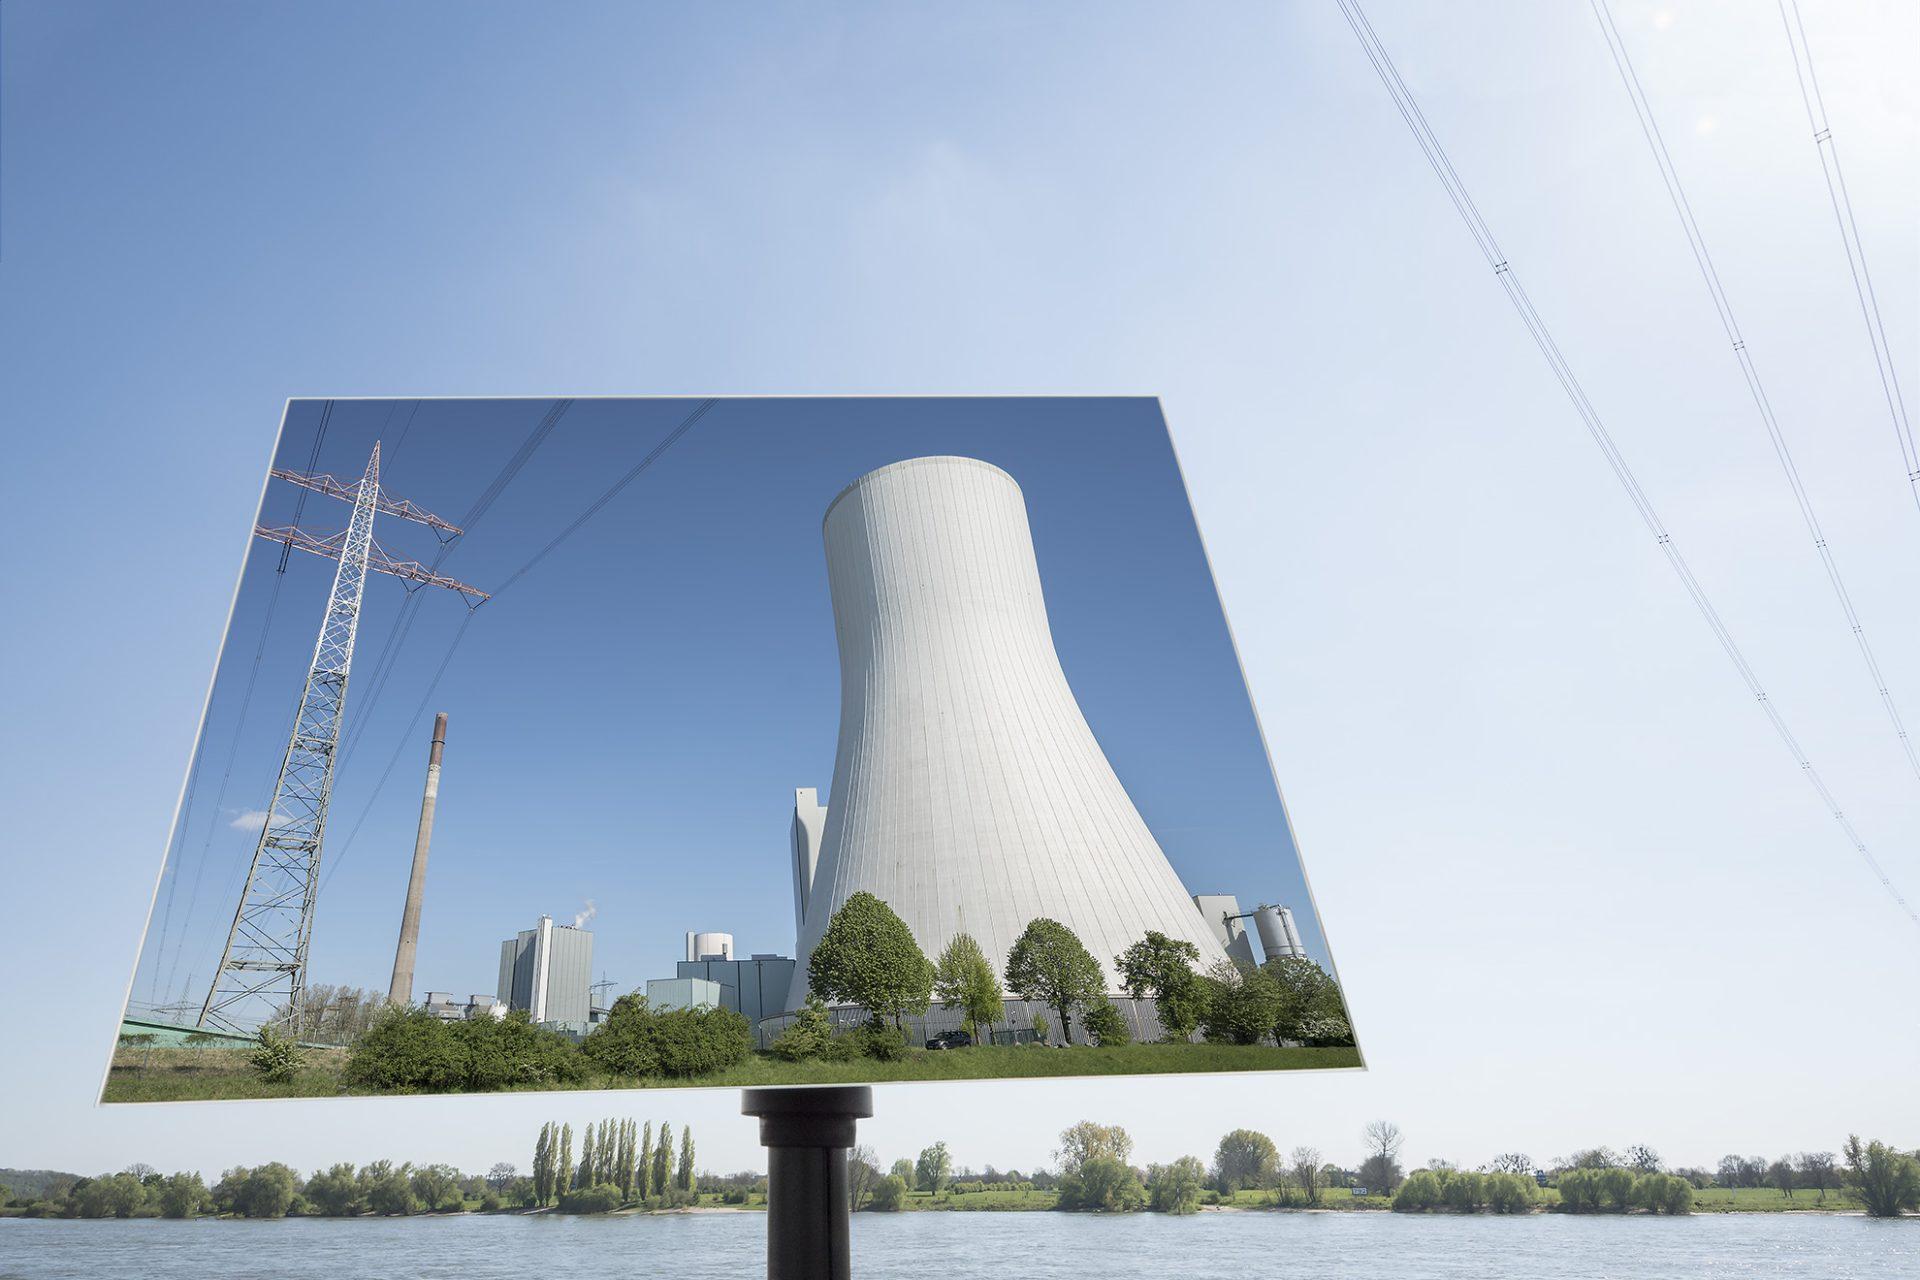 Kraftwerk Walsum/Rhein II • Lambda-Print auf FUJIFILM Crystal Archive DPII, 75 x 50 cm, rahmenloser Bilderhalter • Auflage: 5 + 2 Artist's Proof